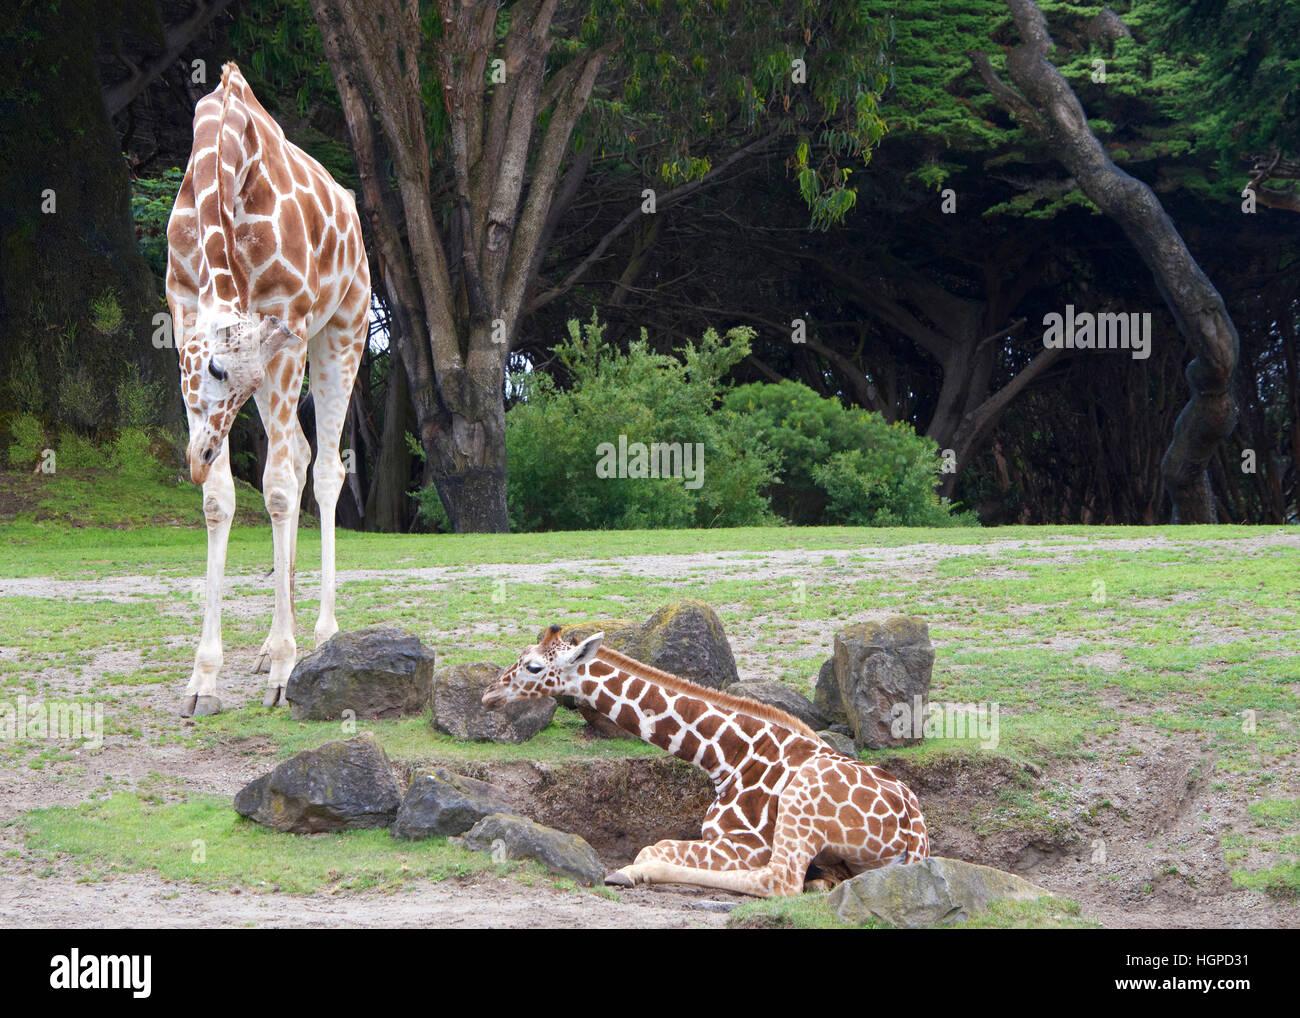 Madre giraffe piegarsi a guardare il bambino sul terreno, incoraggiando i giovani ad alzarsi, erba verde, rocce Immagini Stock